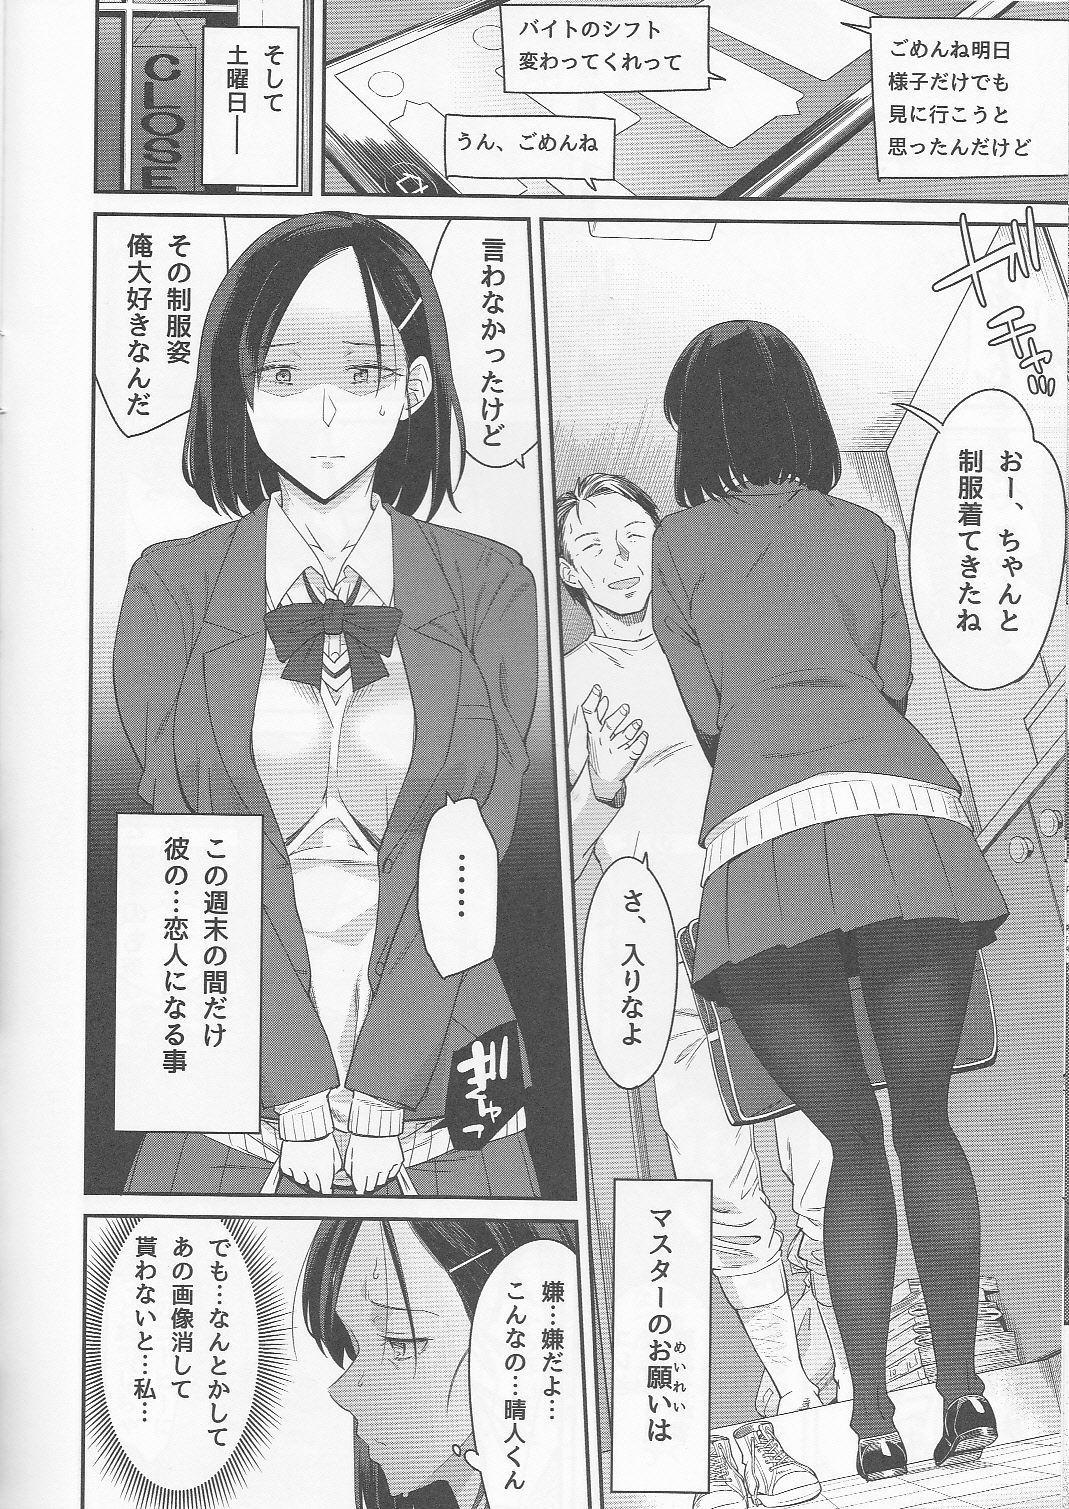 [Orikuchi Hirata] Toranoana Haru no Adult Kanshasai ~NTR Hen~ Kanojo no Shuumatsu Netorare Jijou 8